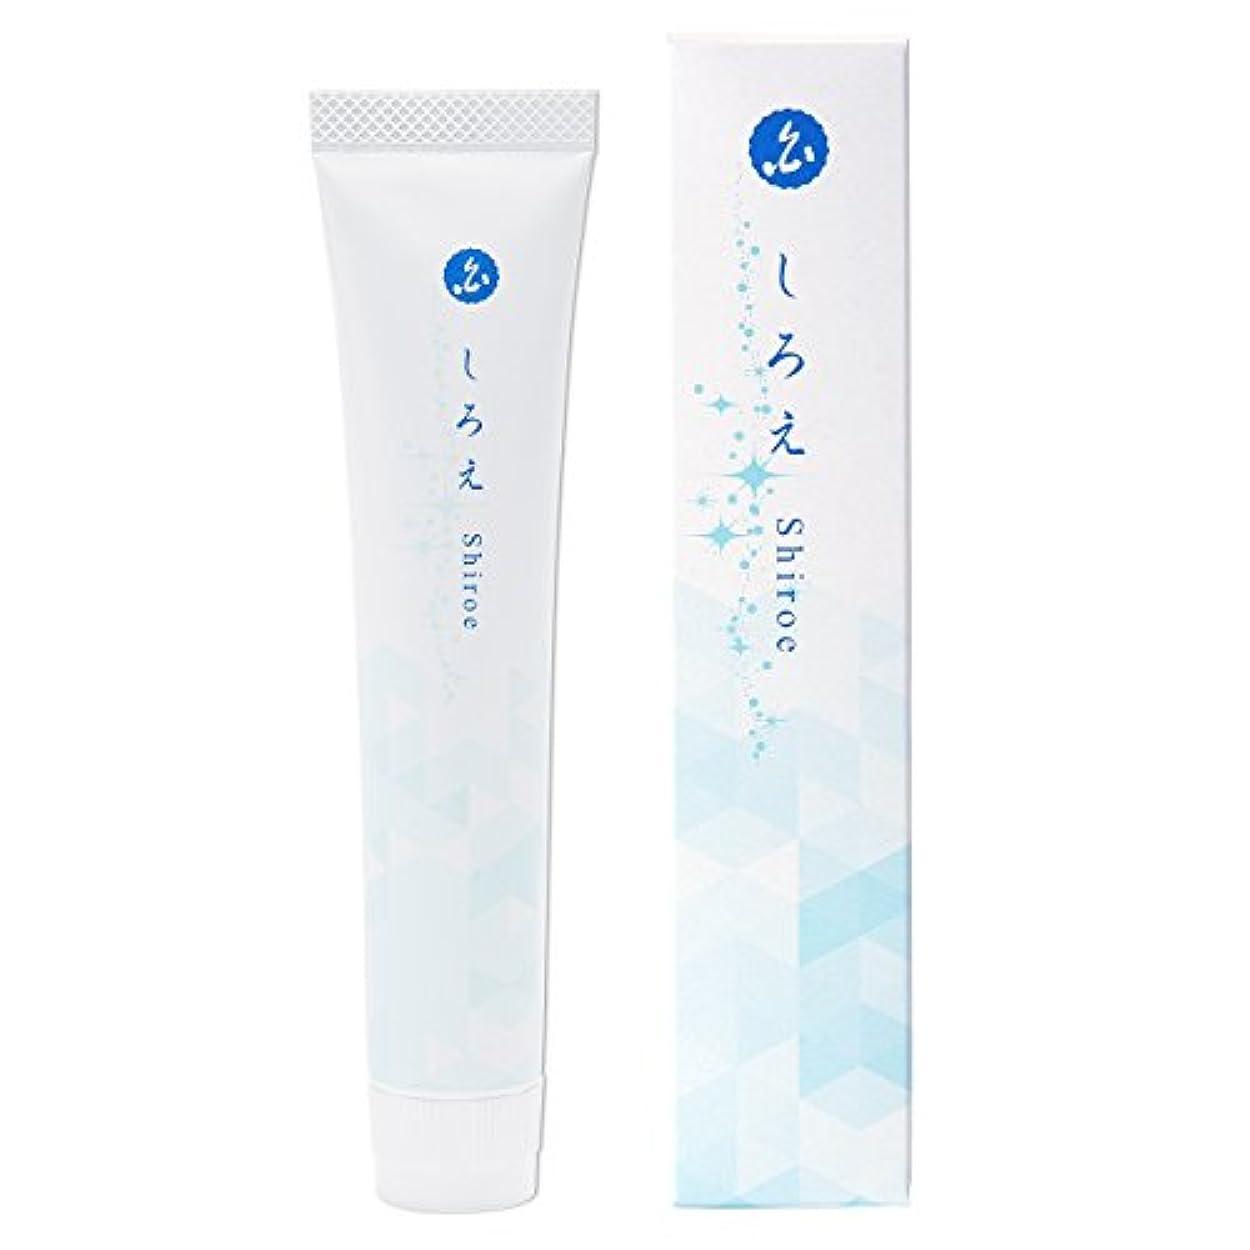 に関して爆発膨らませるしろえ 歯磨きジェル 薬用 ホワイトニング歯磨き粉 医薬部外品 はみがき粉 50g 日本製